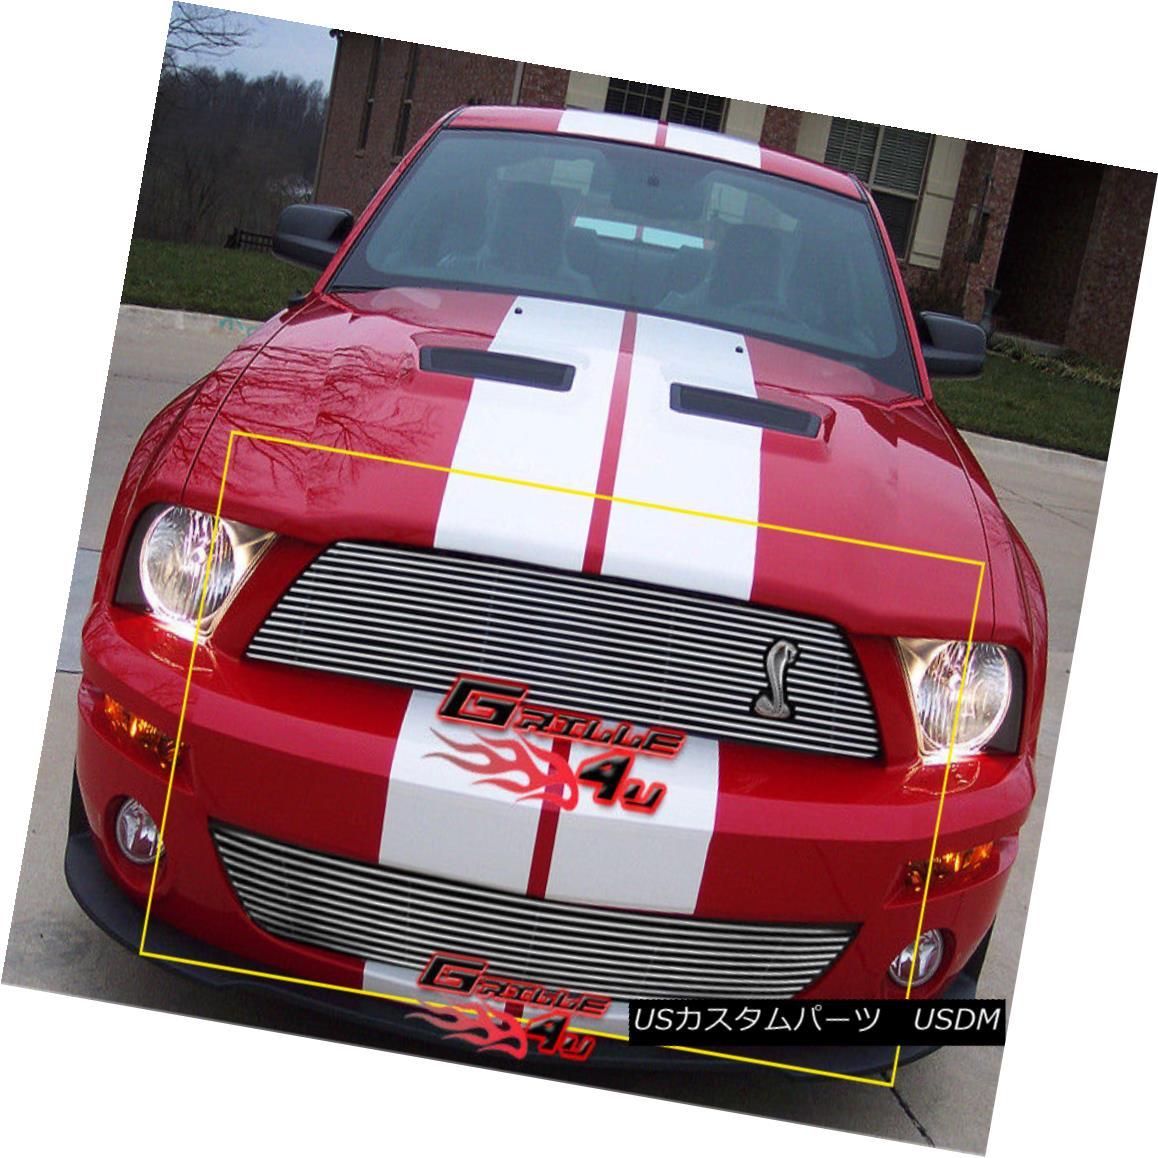 グリル For Ford Mustang Shelby GT500 Billet Grille Combo フォードマスタングシェルビーGT500ビレットグリルコンボ用